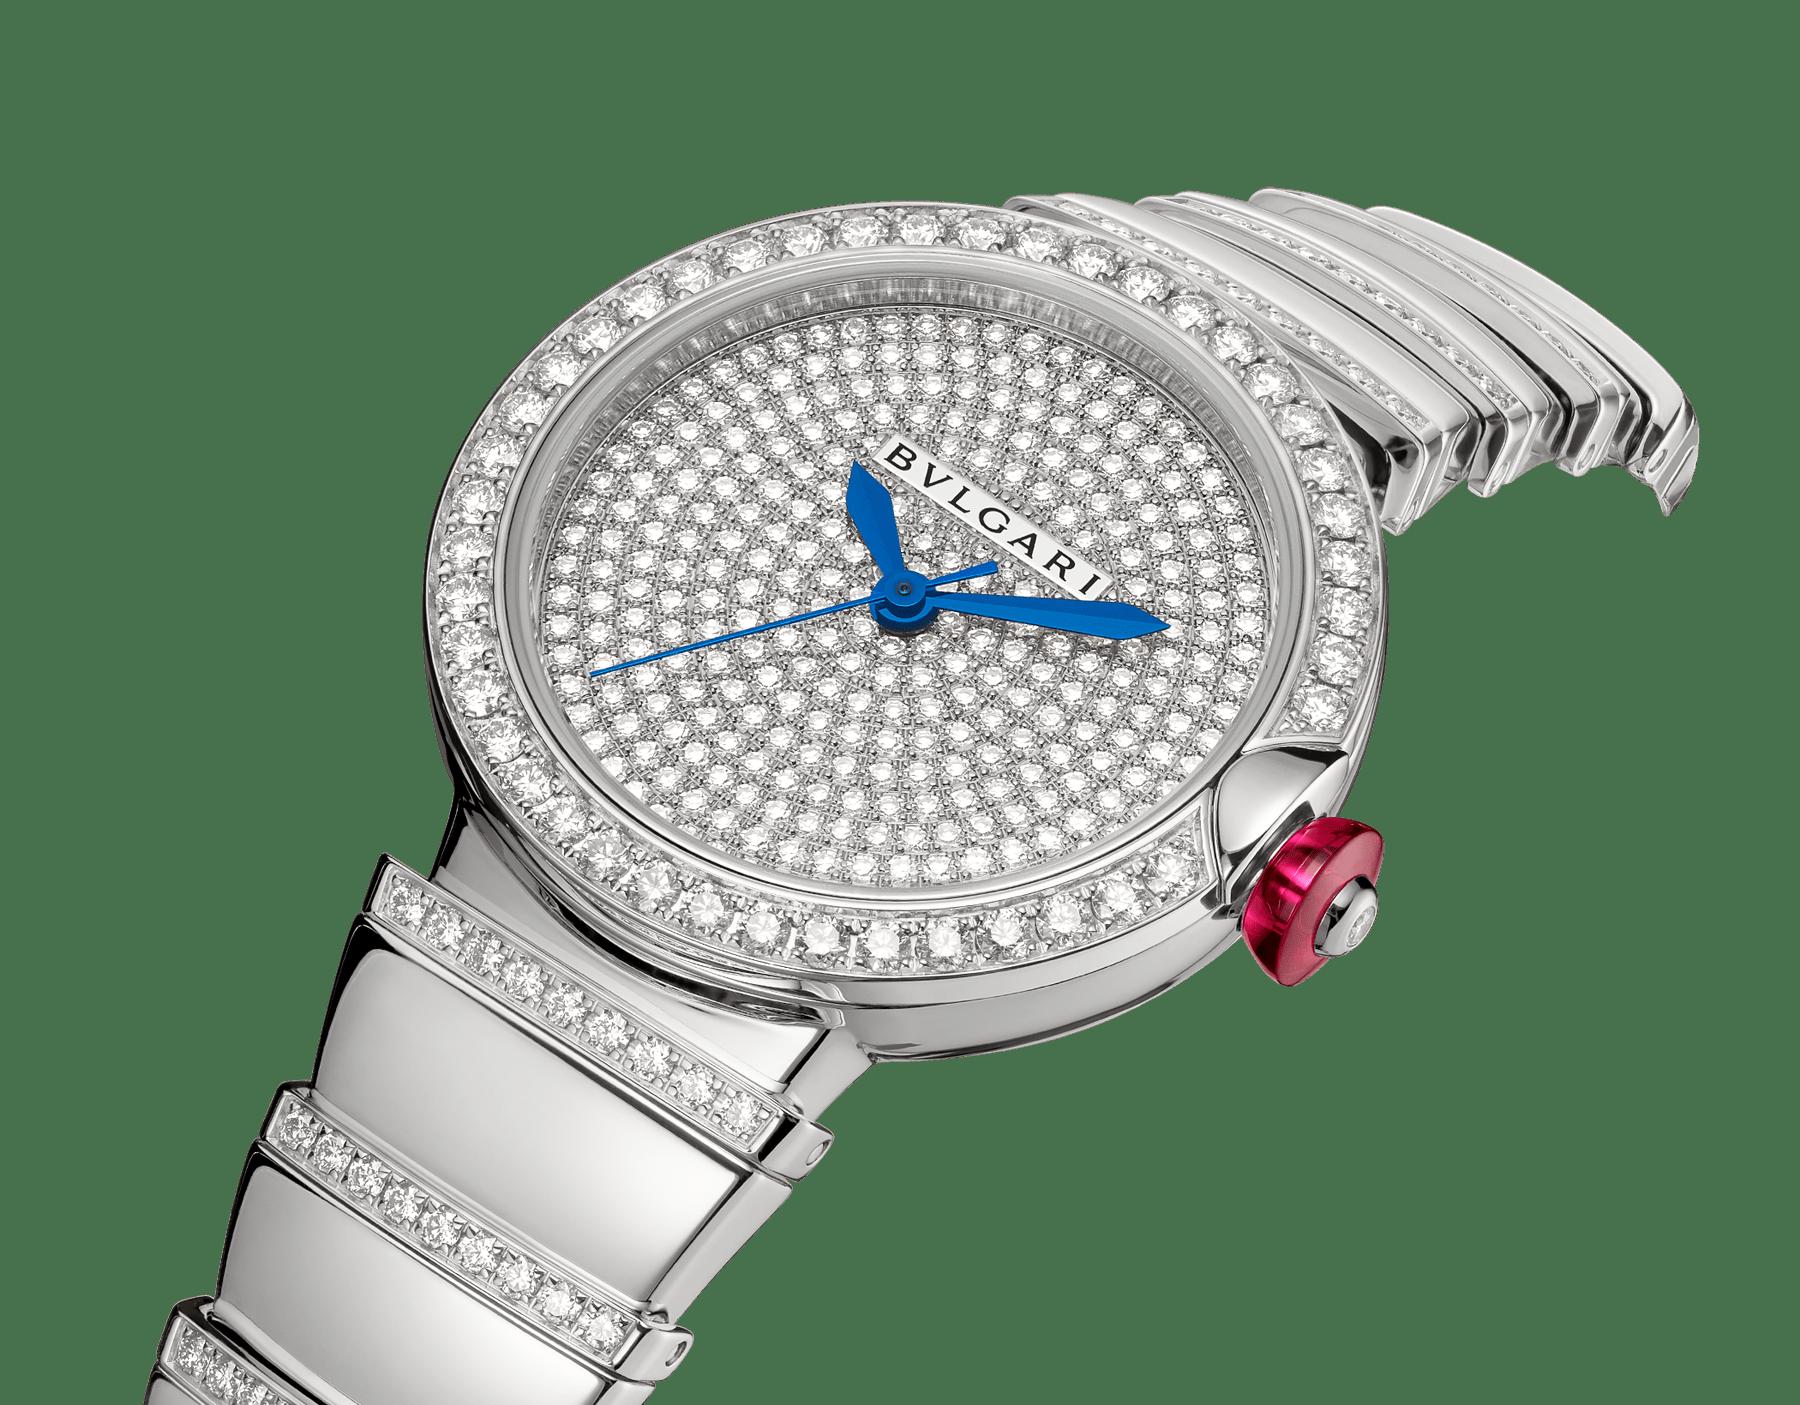 Orologio LVCEA con cassa e bracciale in oro bianco 18 kt con diamanti taglio brillante e quadrante con pavé di diamanti. 102380 image 2